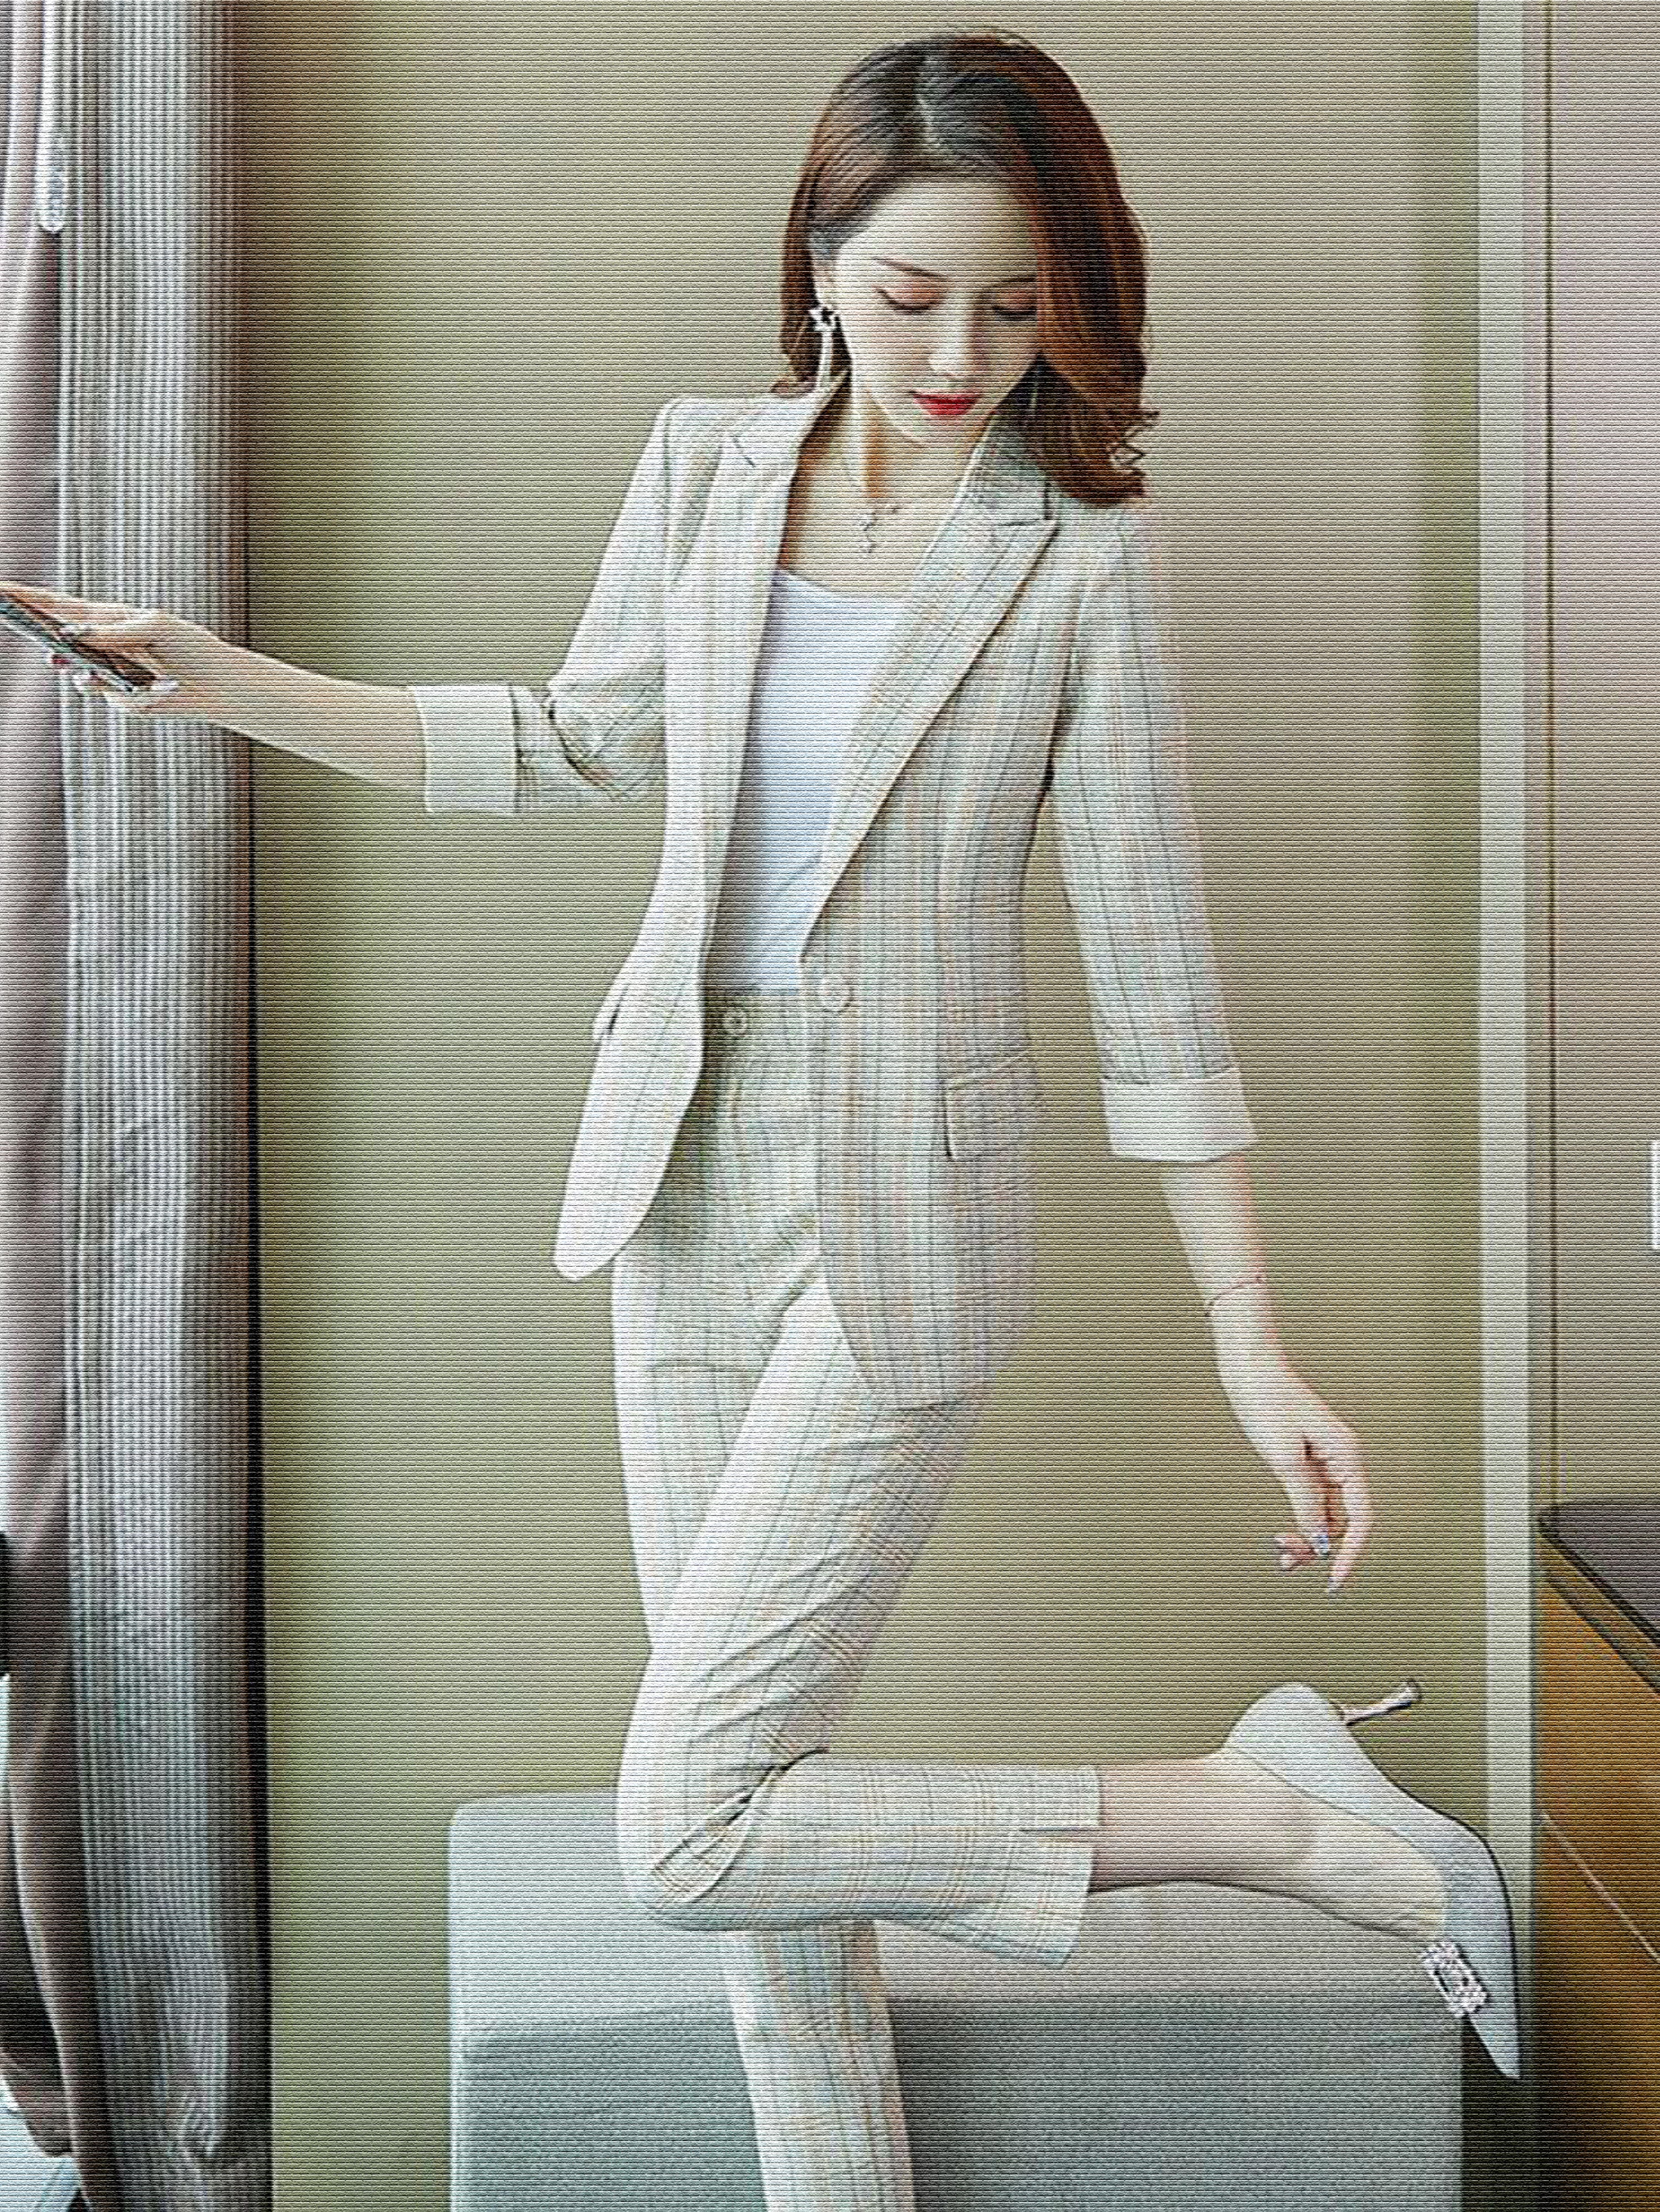 秋季新款韩版洋气宽松七分袖西装+T恤+休闲裤三件套时尚套装潮